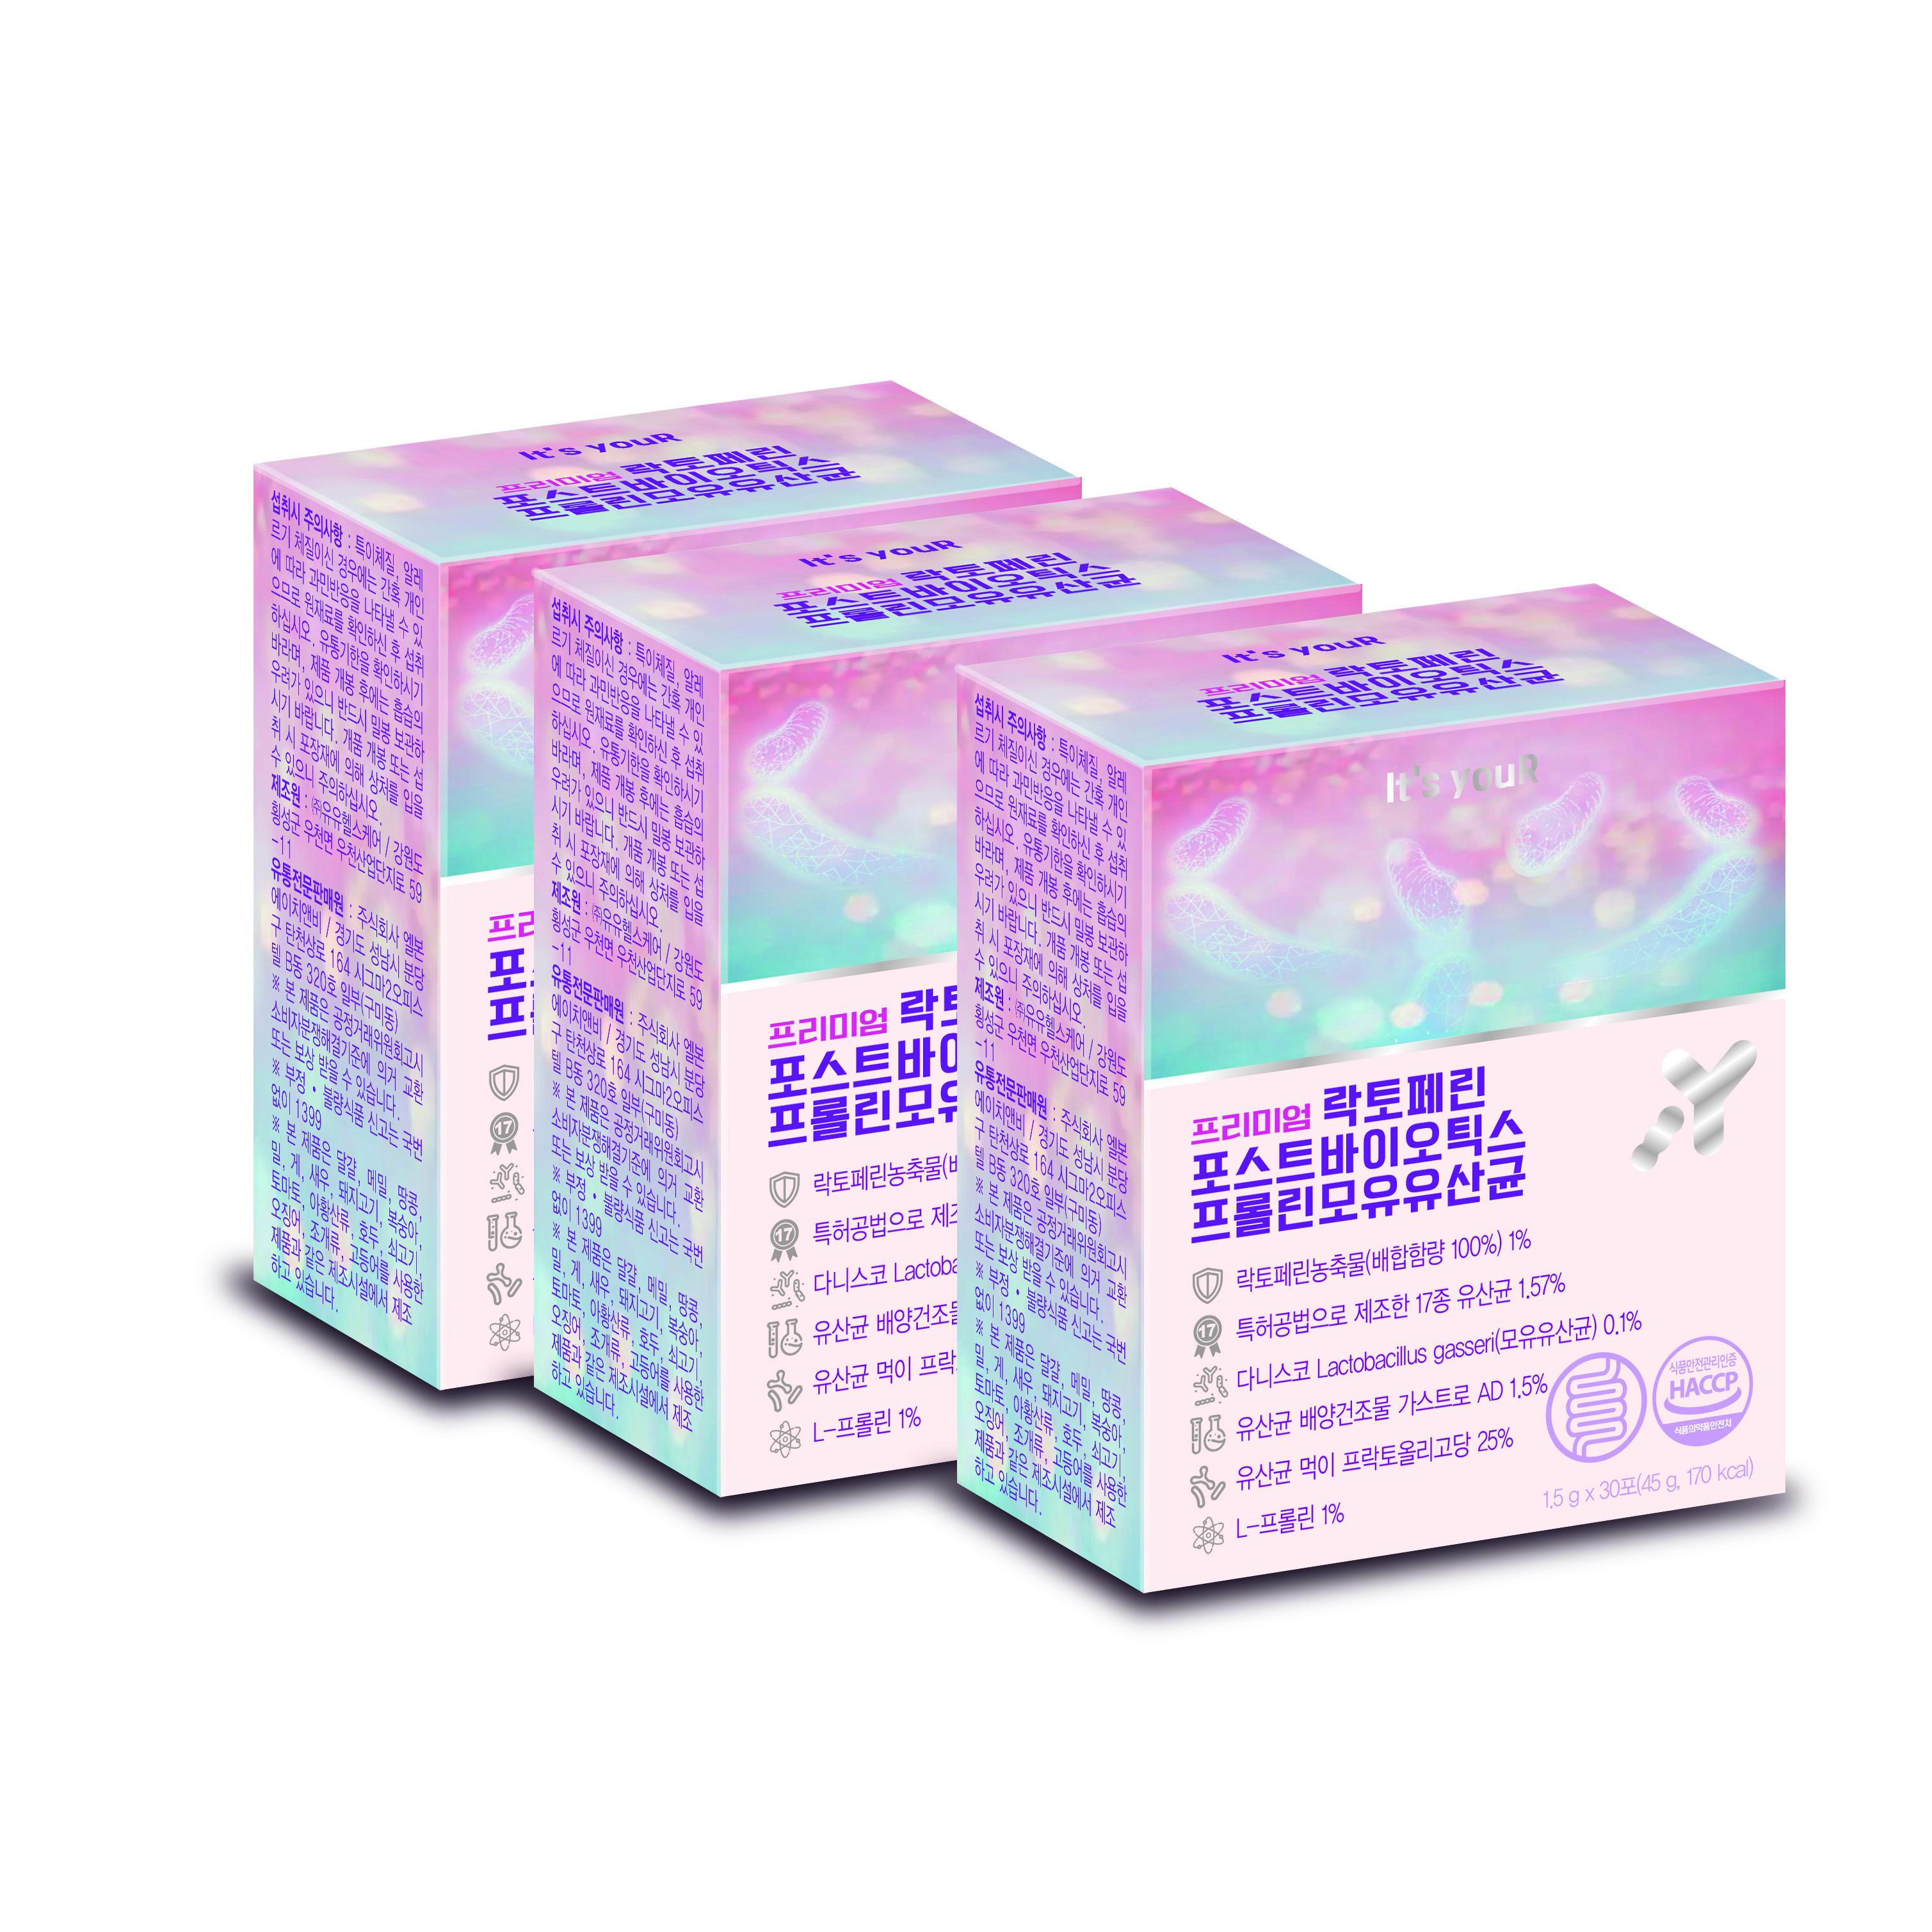 잇츠유어 프리미엄 락토페린 포스트바이오틱스 프롤린 모유유산균 1.5g x 30p, 3개, 45g